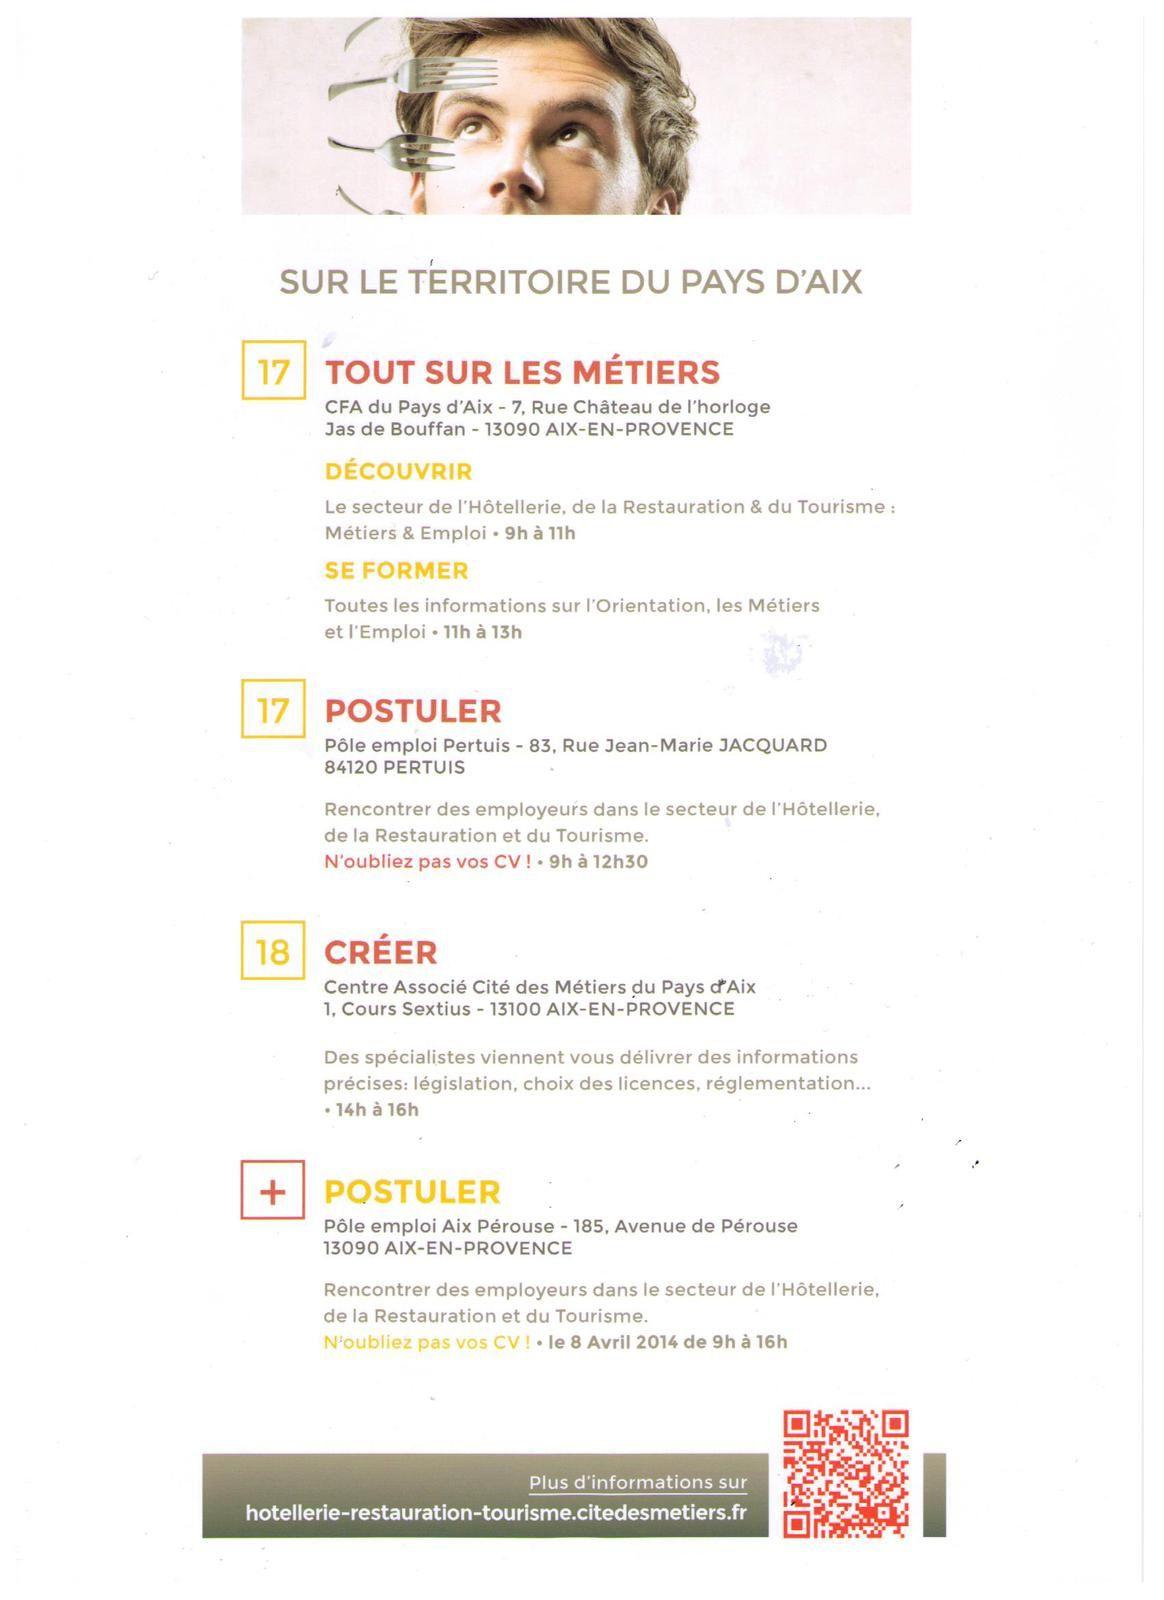 Semaine des métiers de l'Hôtellerie, Restauration &amp&#x3B; Tourisme: Pays d'Aix du 17 au 21/03/2014